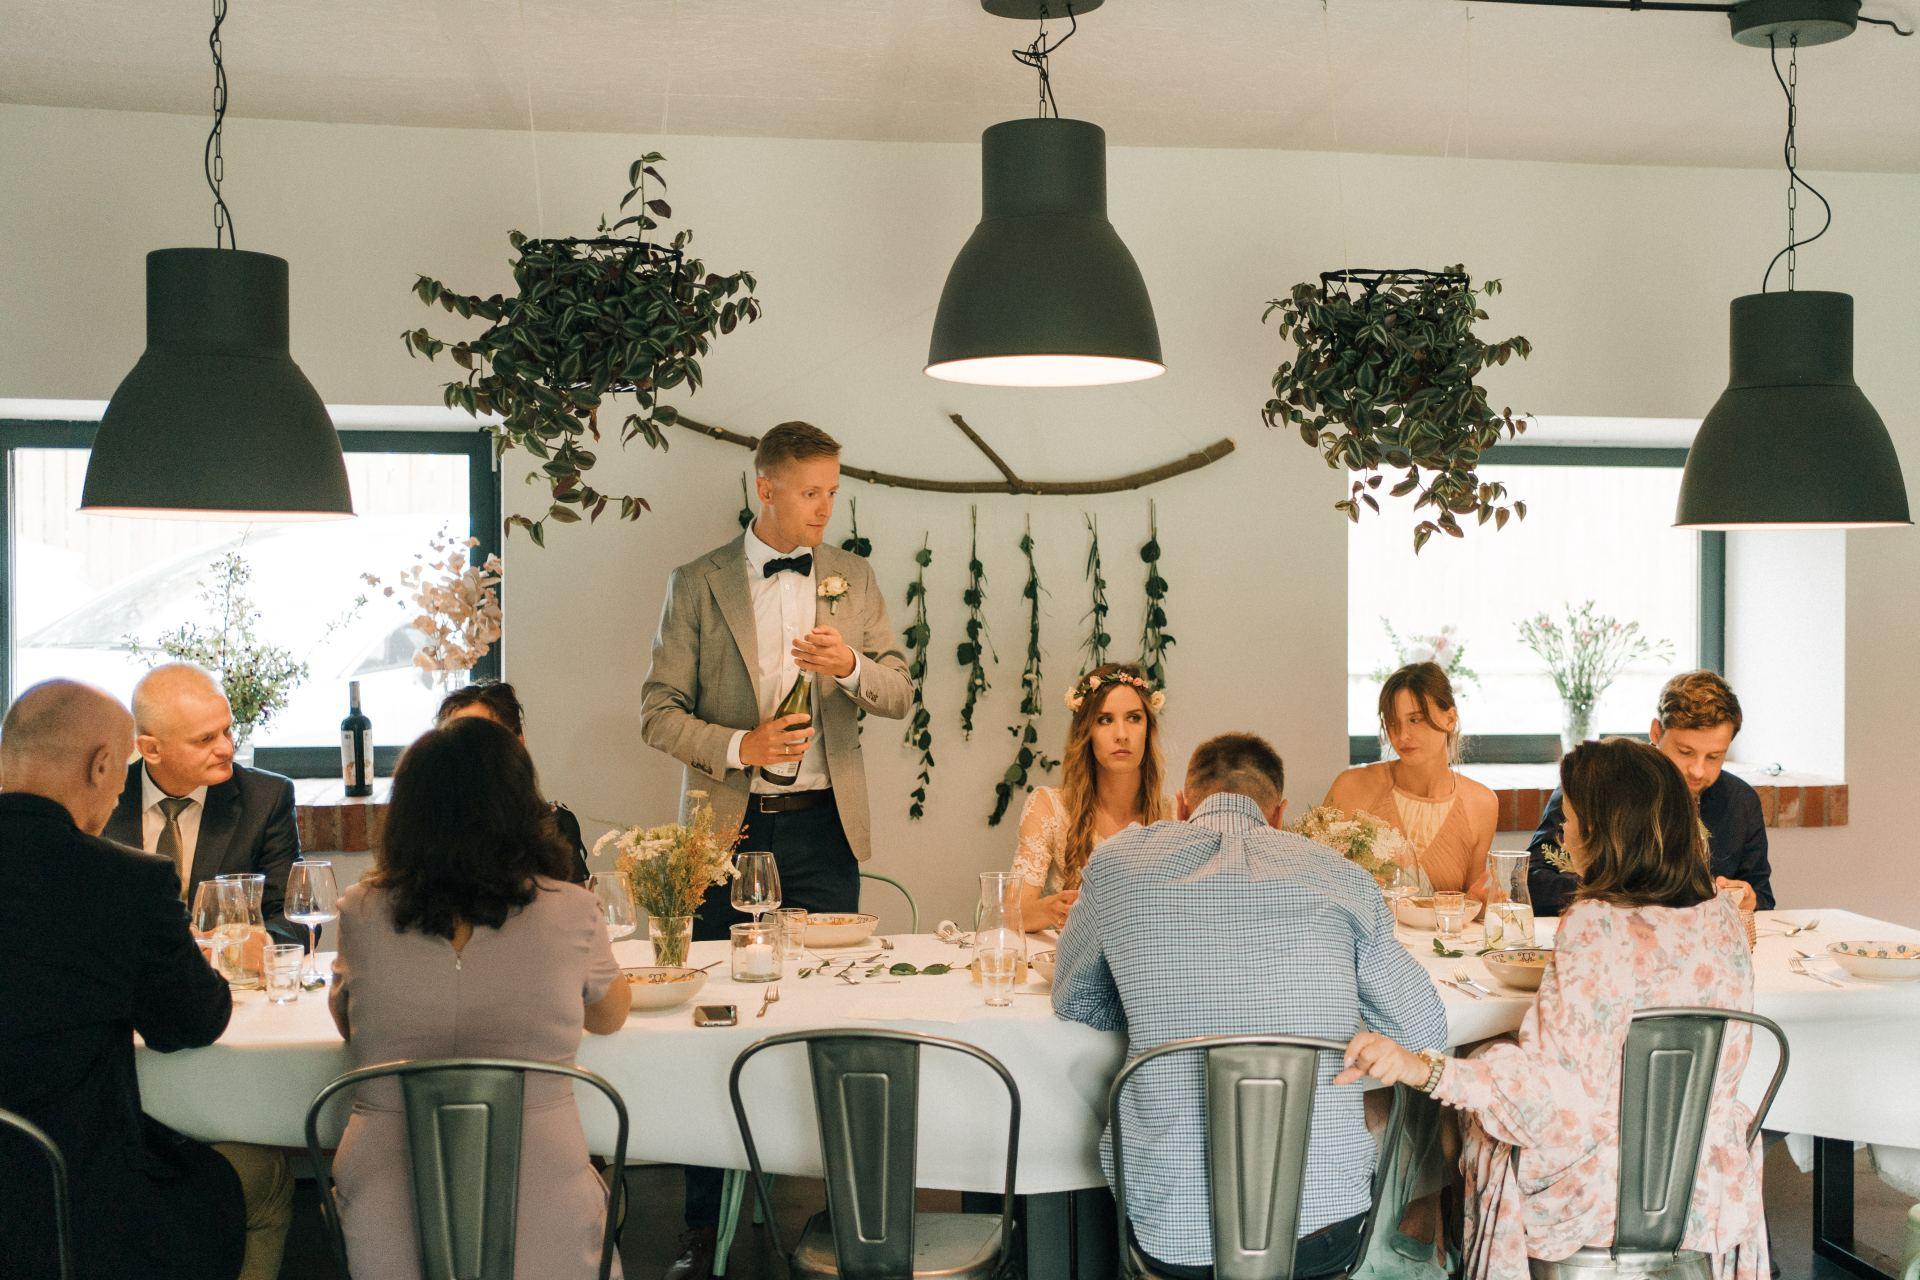 małe przyjęcie zamiast wesela